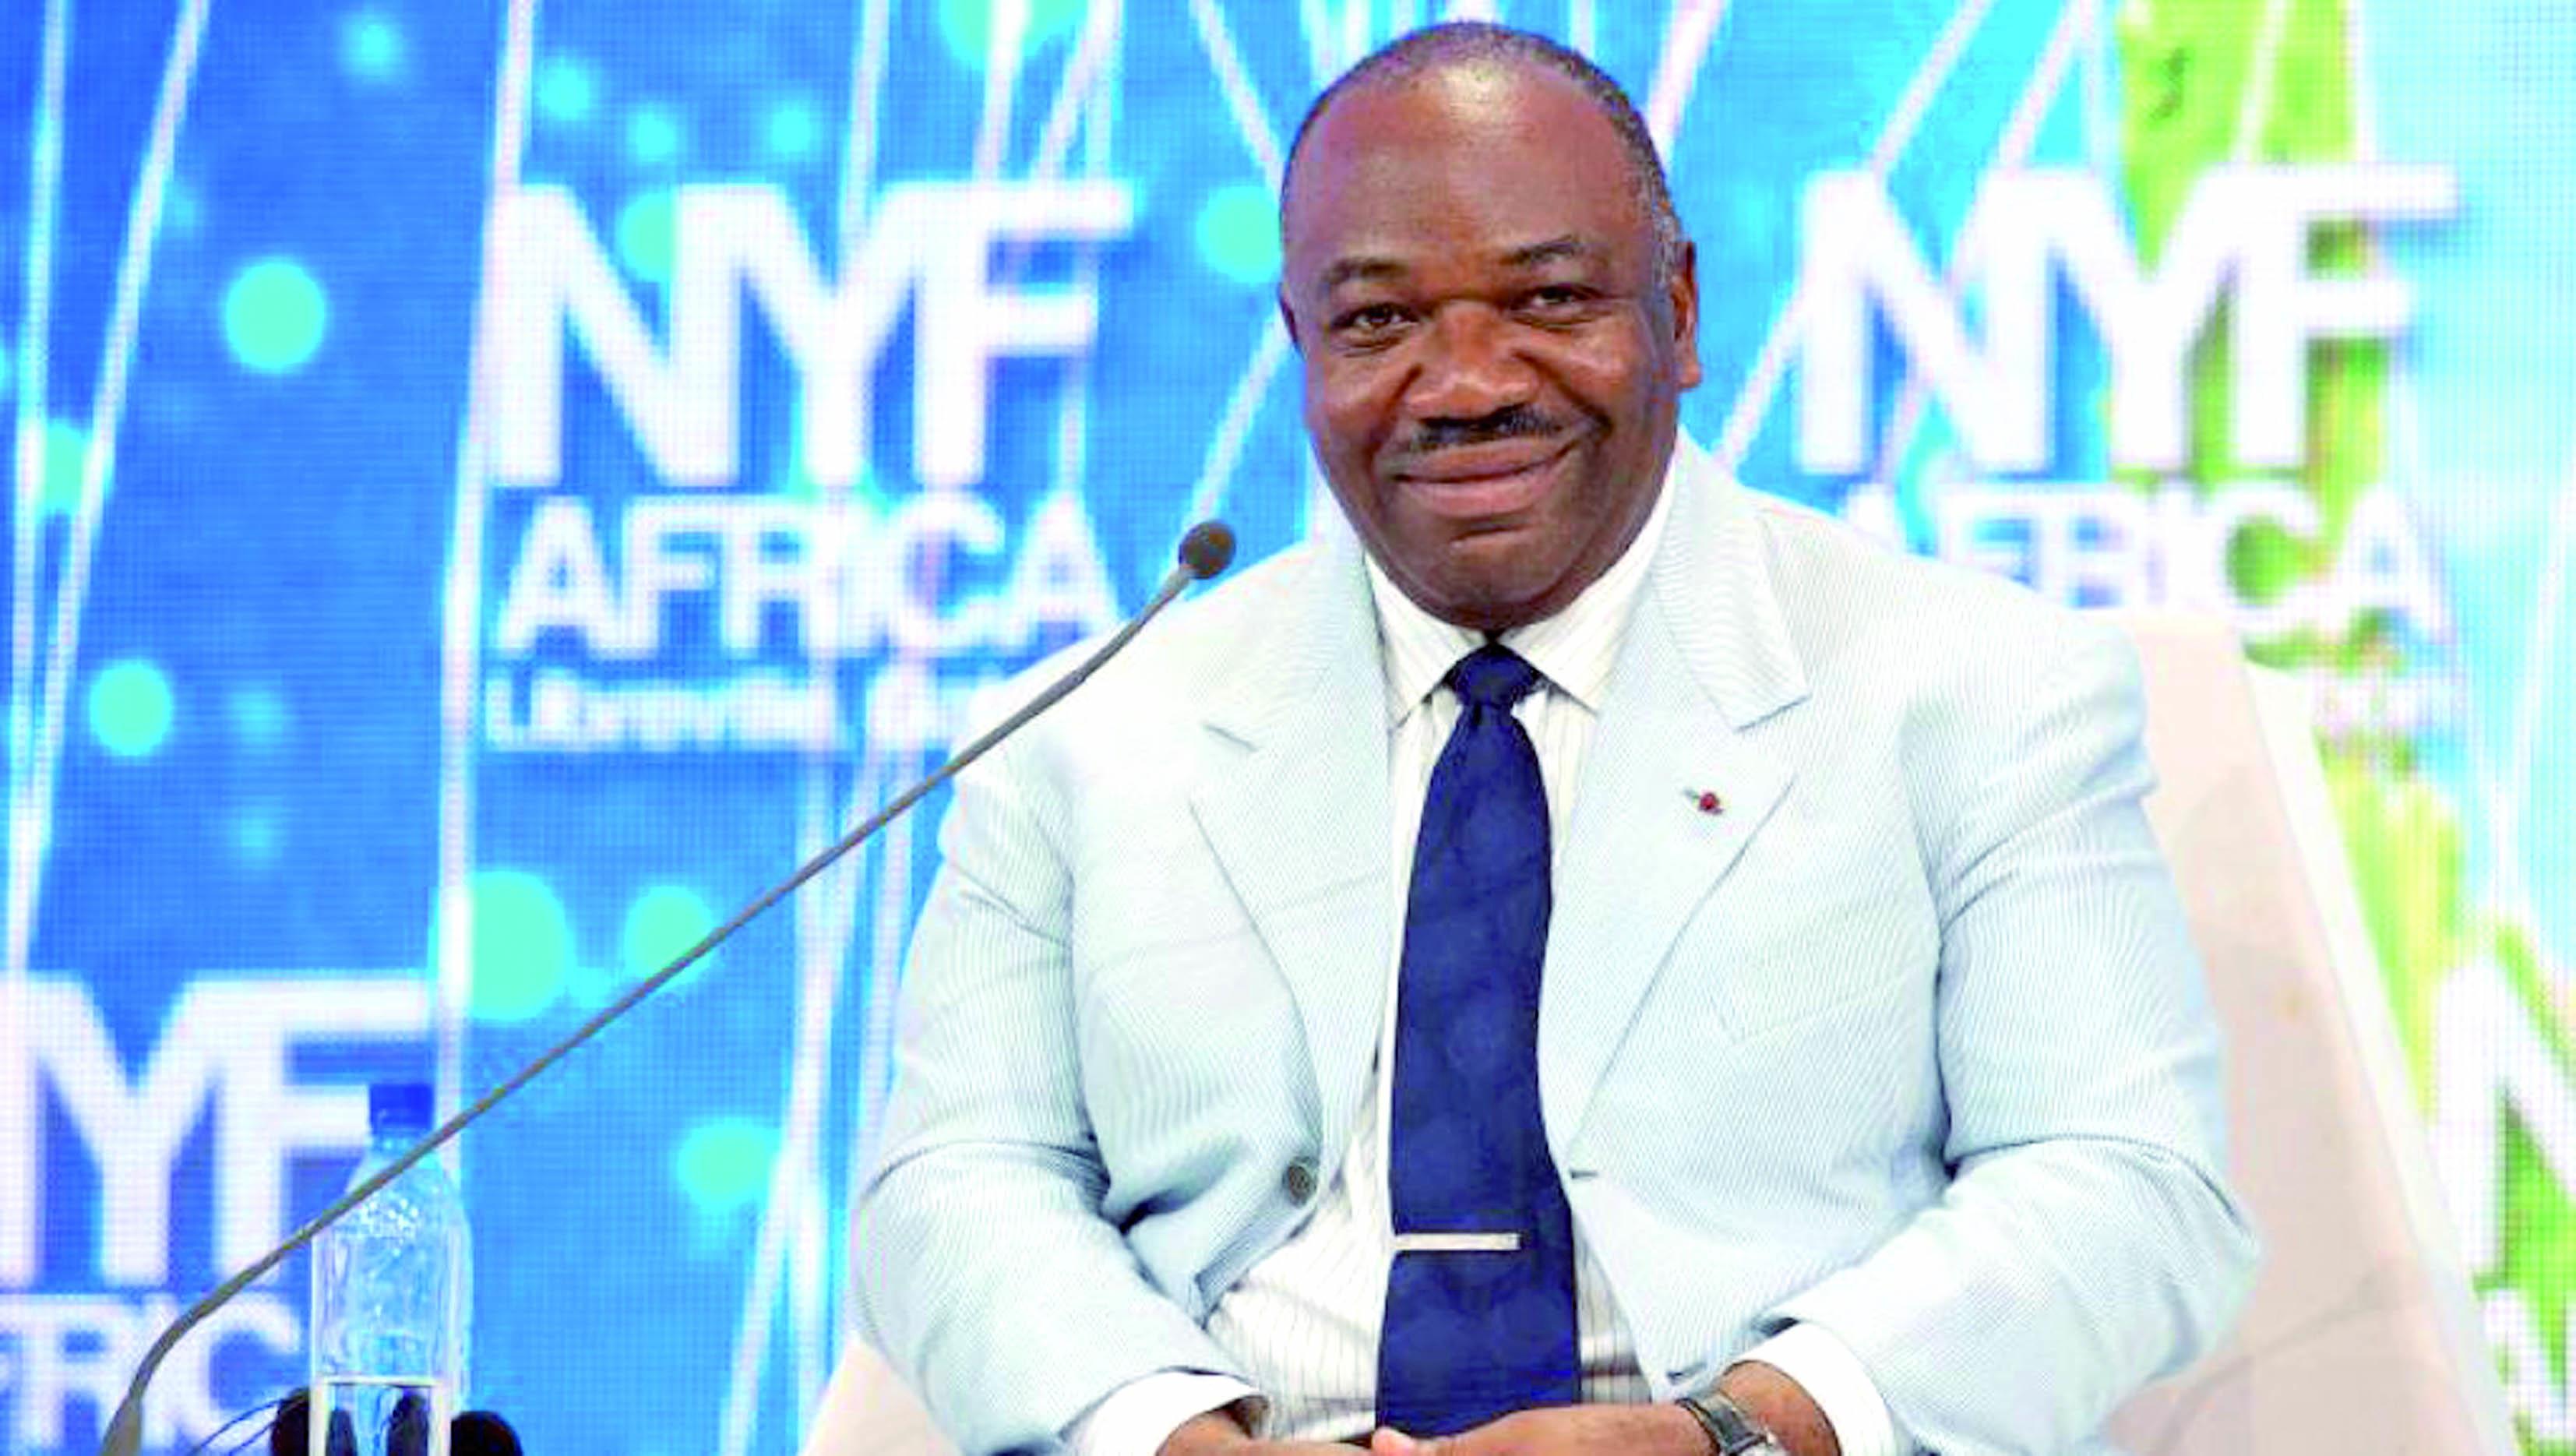 Ali Bongo Ondimba : Pour l'Afrique, l'investissement dans la jeunesse est la priorité des priorités